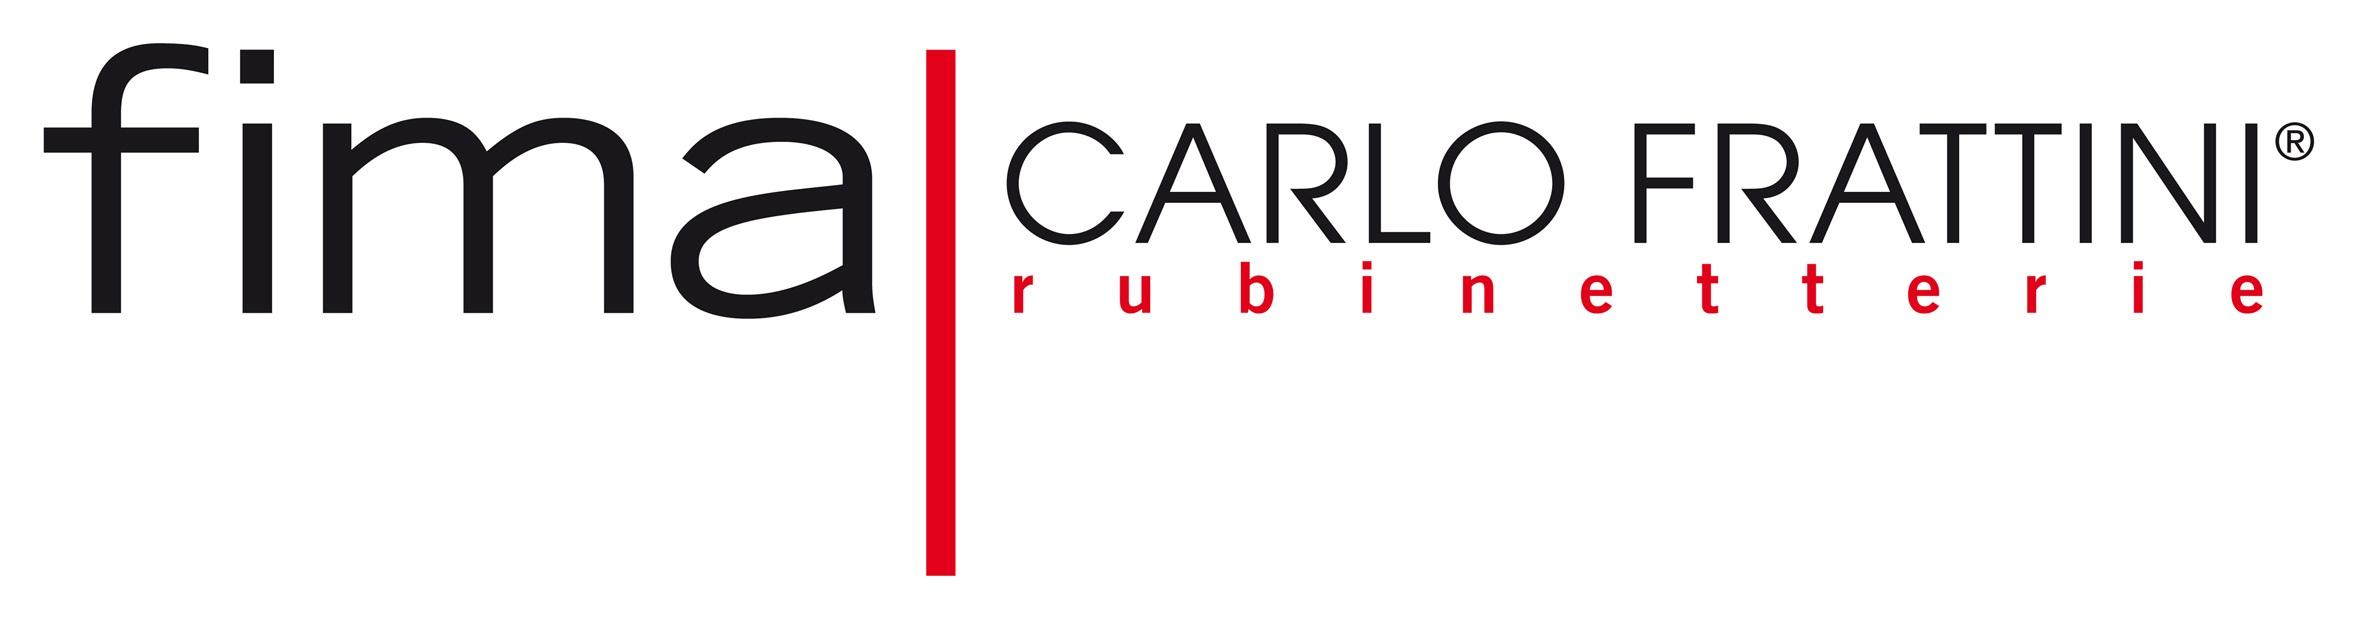 Imagini pentru fima carlo frattini logo